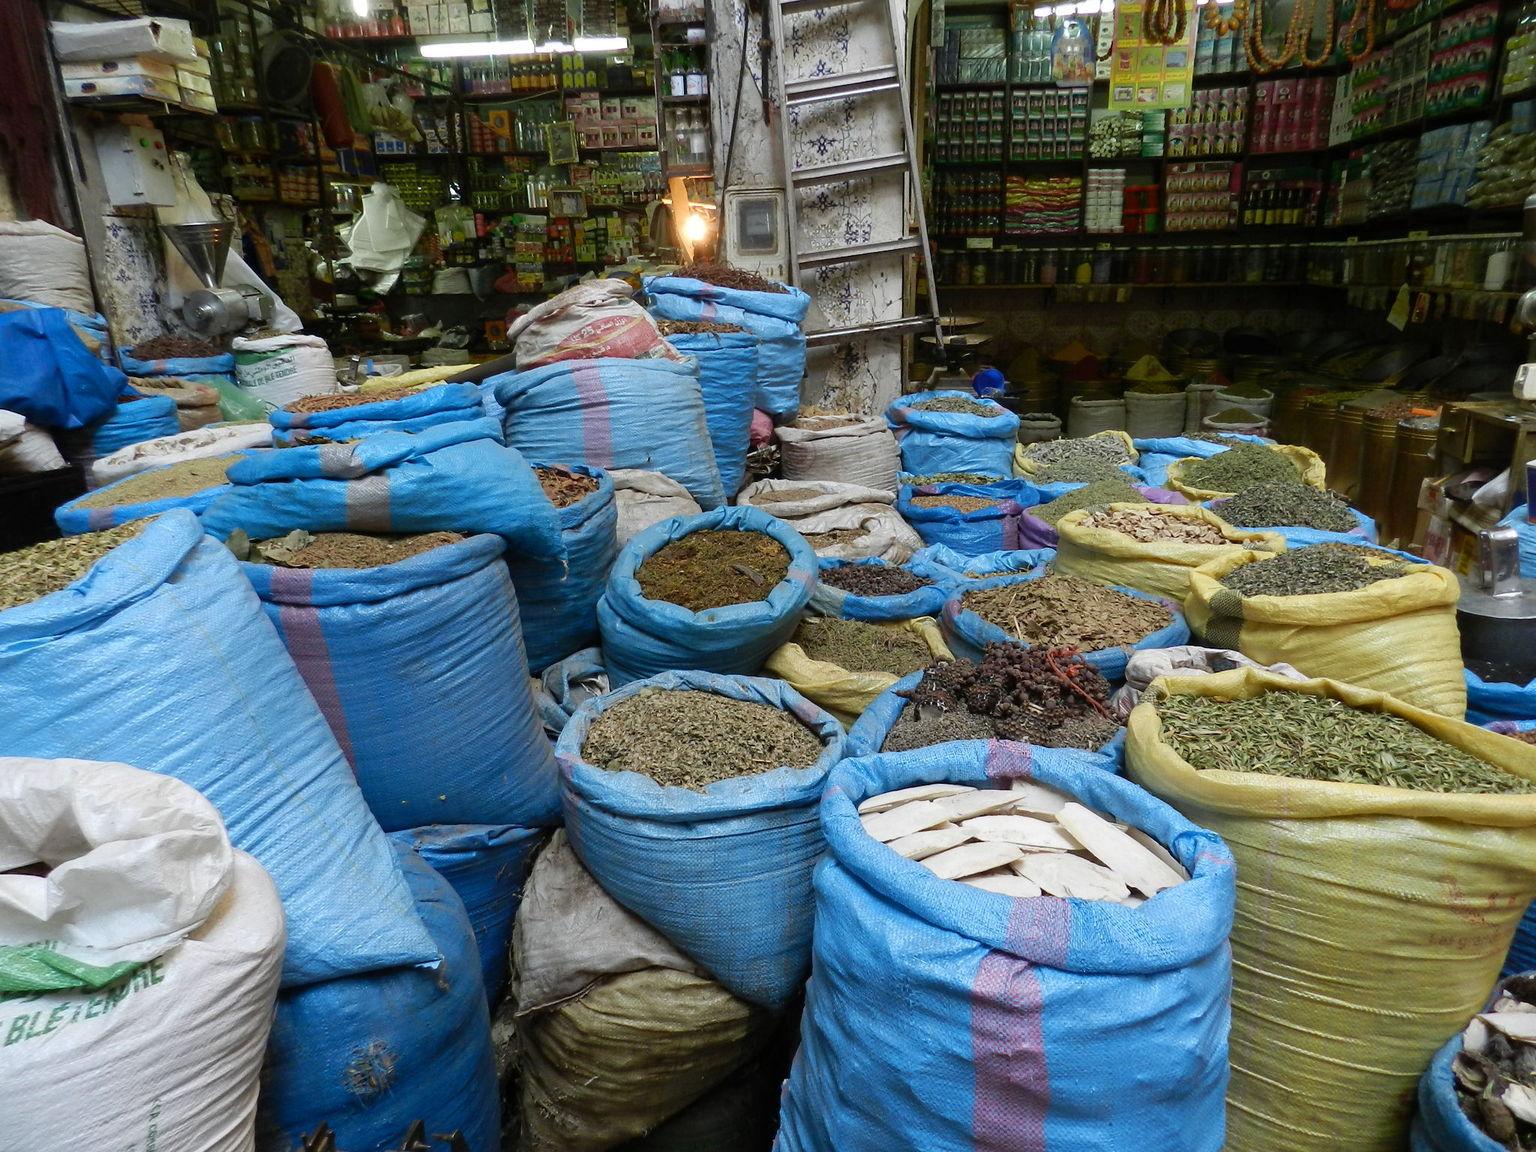 MÁS FOTOS, Experiencia en Marrakech: comida y visita al mercado de Djemaa El Fna con cena tradicional